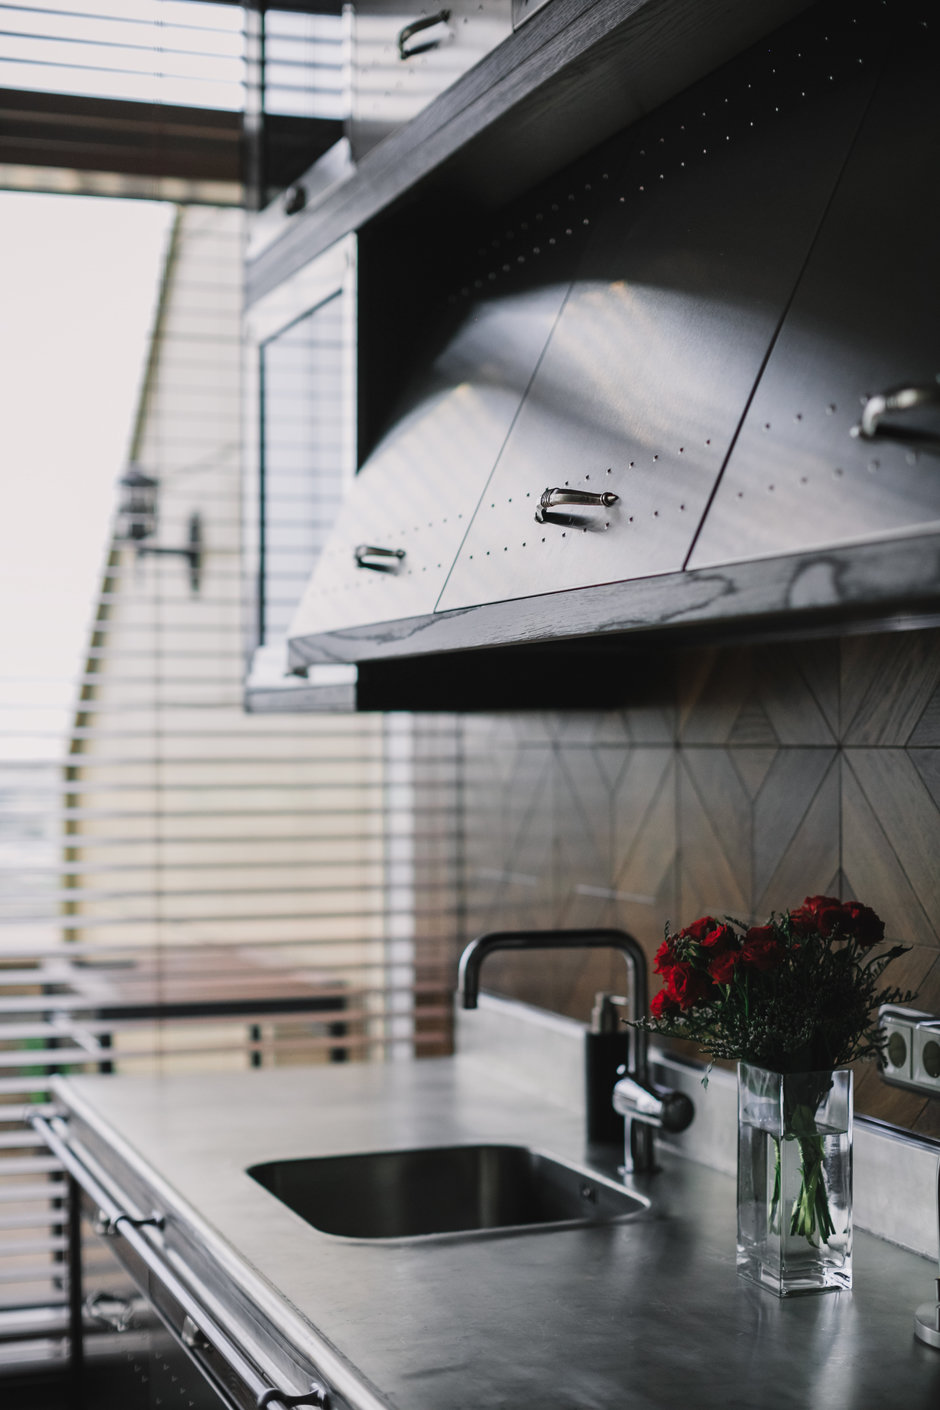 Фотография: Кухня и столовая в стиле Лофт, Квартира, Проект недели, Москва, Монолитный дом, до 40 метров, Алексей Корчинский – фото на InMyRoom.ru